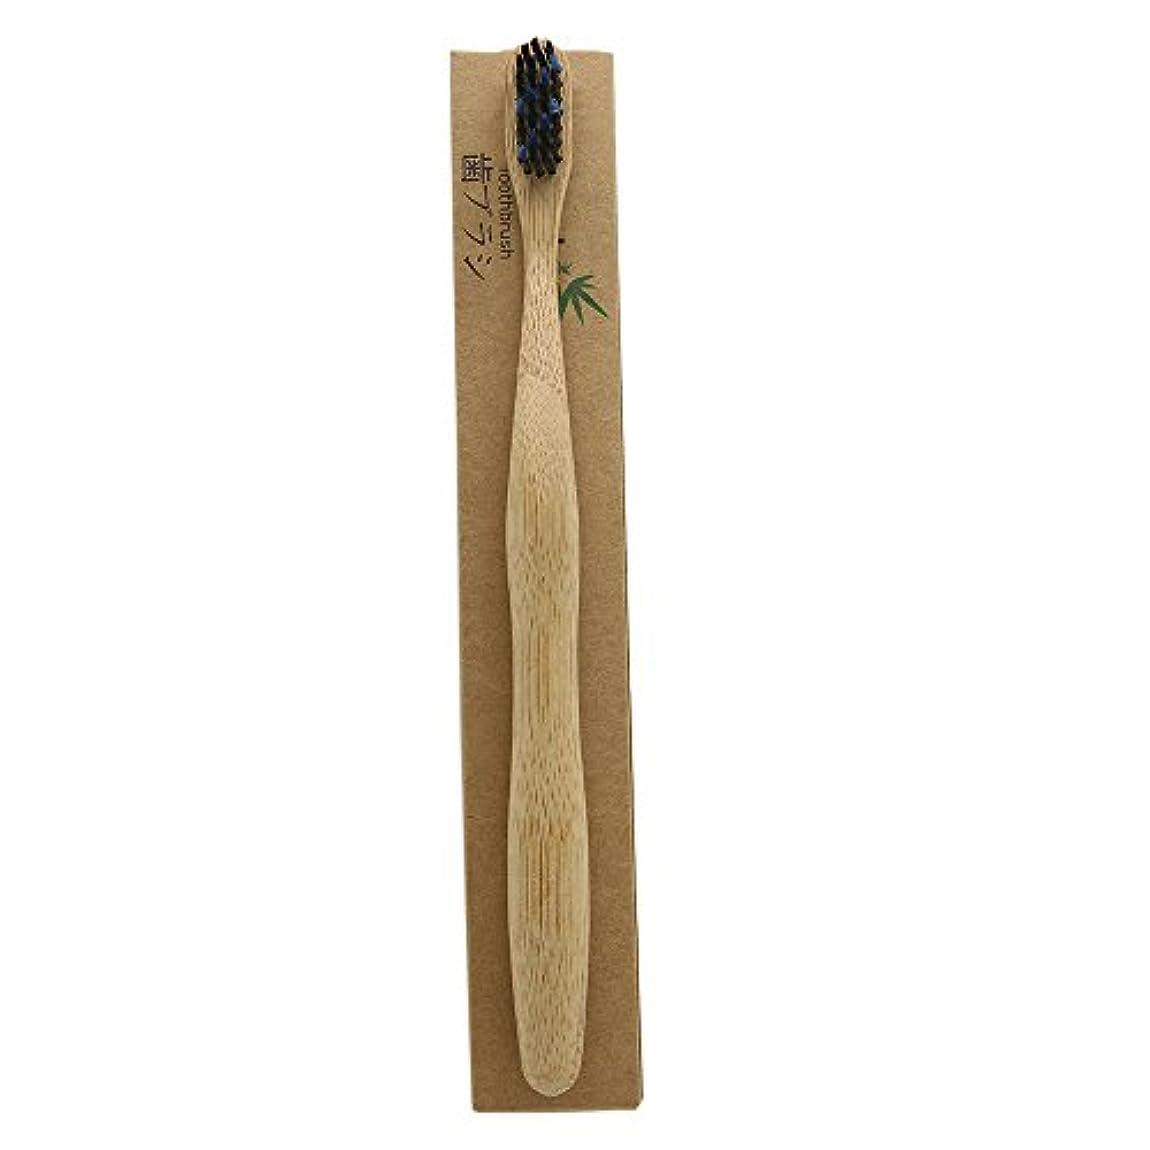 間共和国高揚したN-amboo 竹製耐久度高い 歯ブラシ 黒いと青い 1本